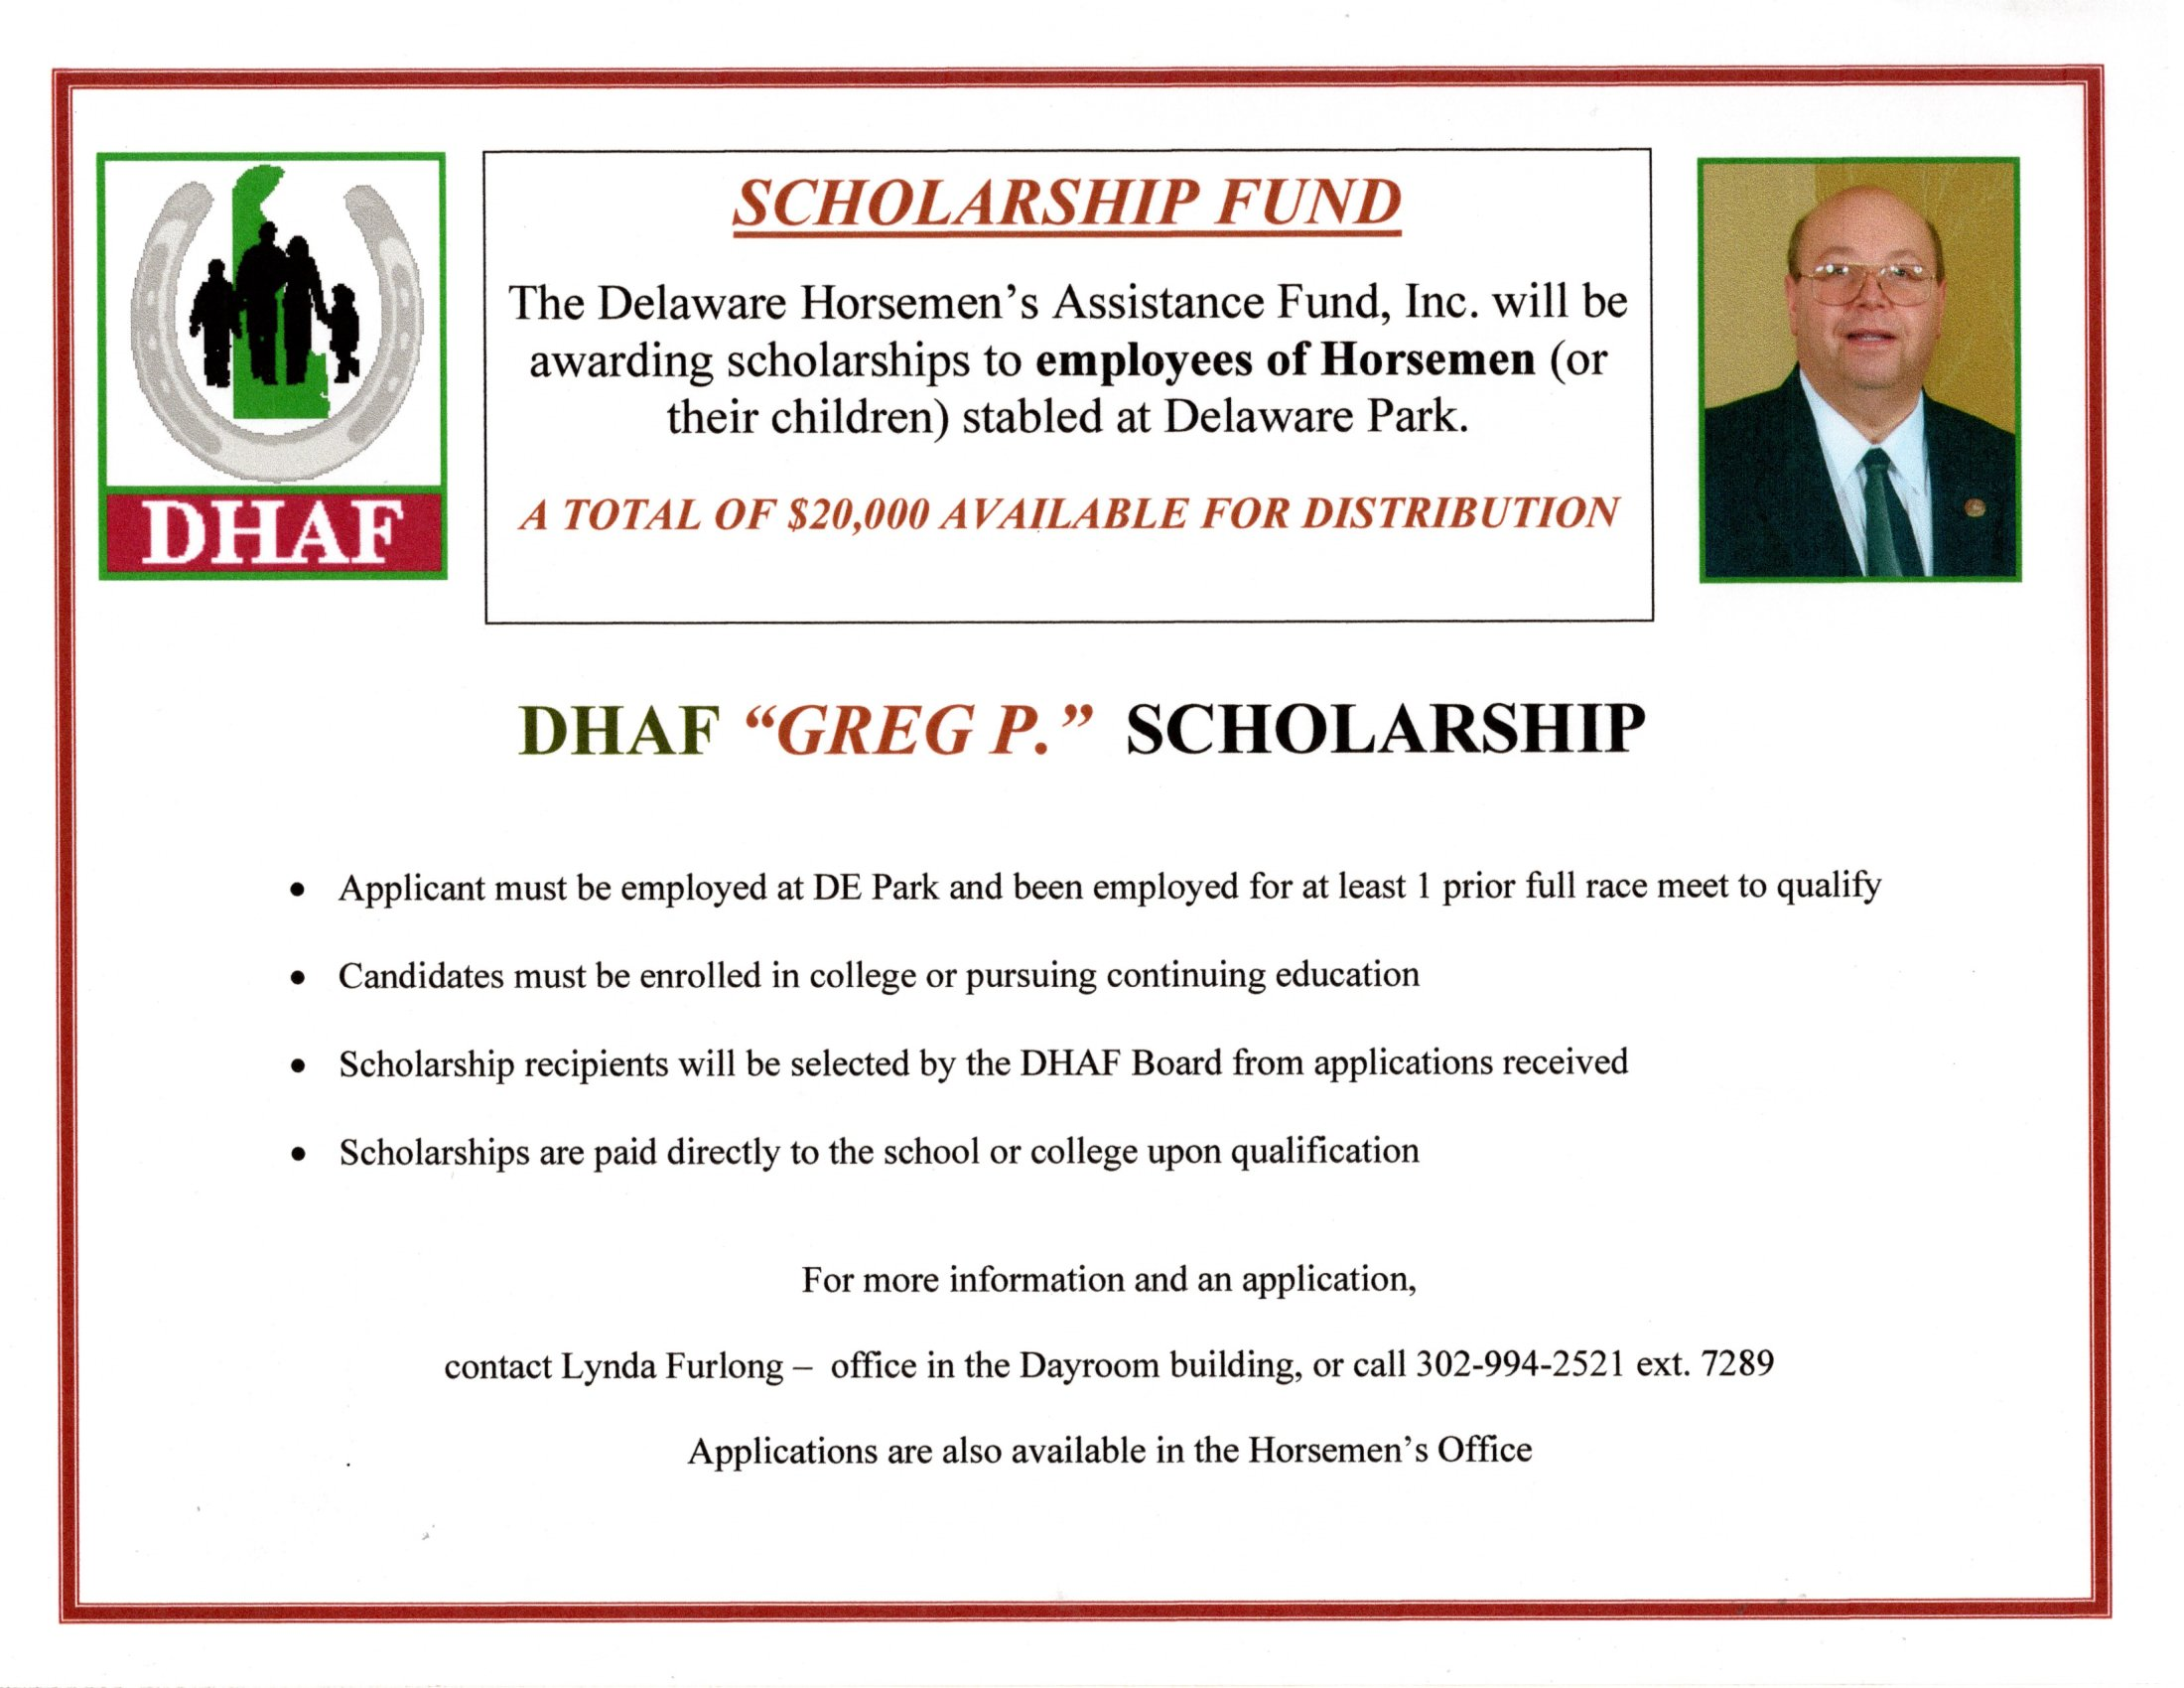 Greg P Scholarship